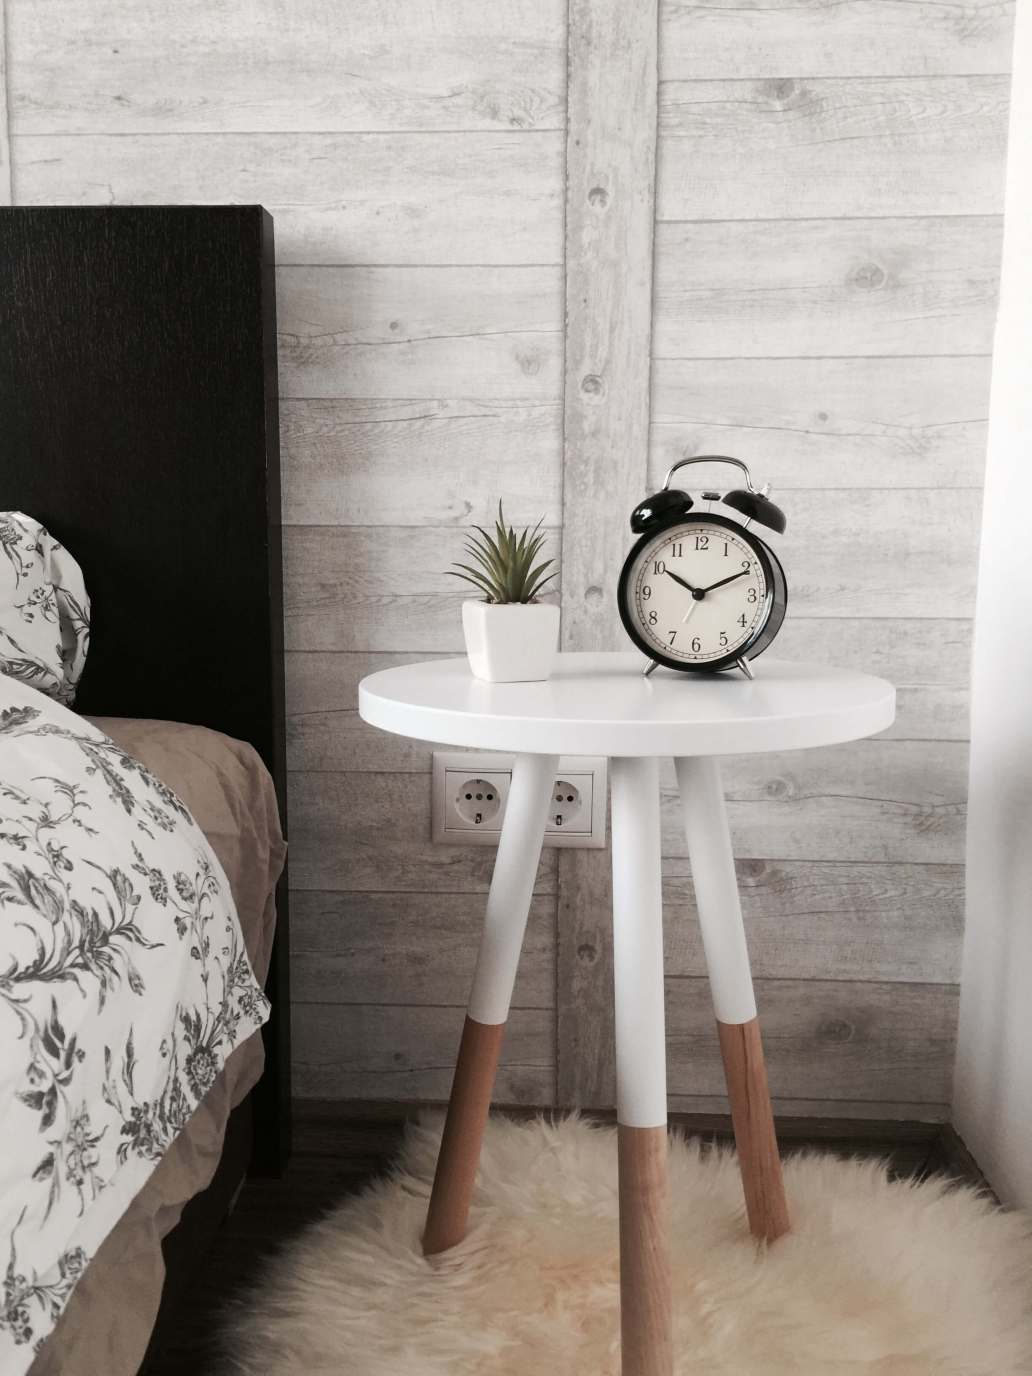 benjamin voros X63FTIZFbZo unsplash 2 1536x2048 - Comment créer un intérieur cosy grâce à l'artisanat ?